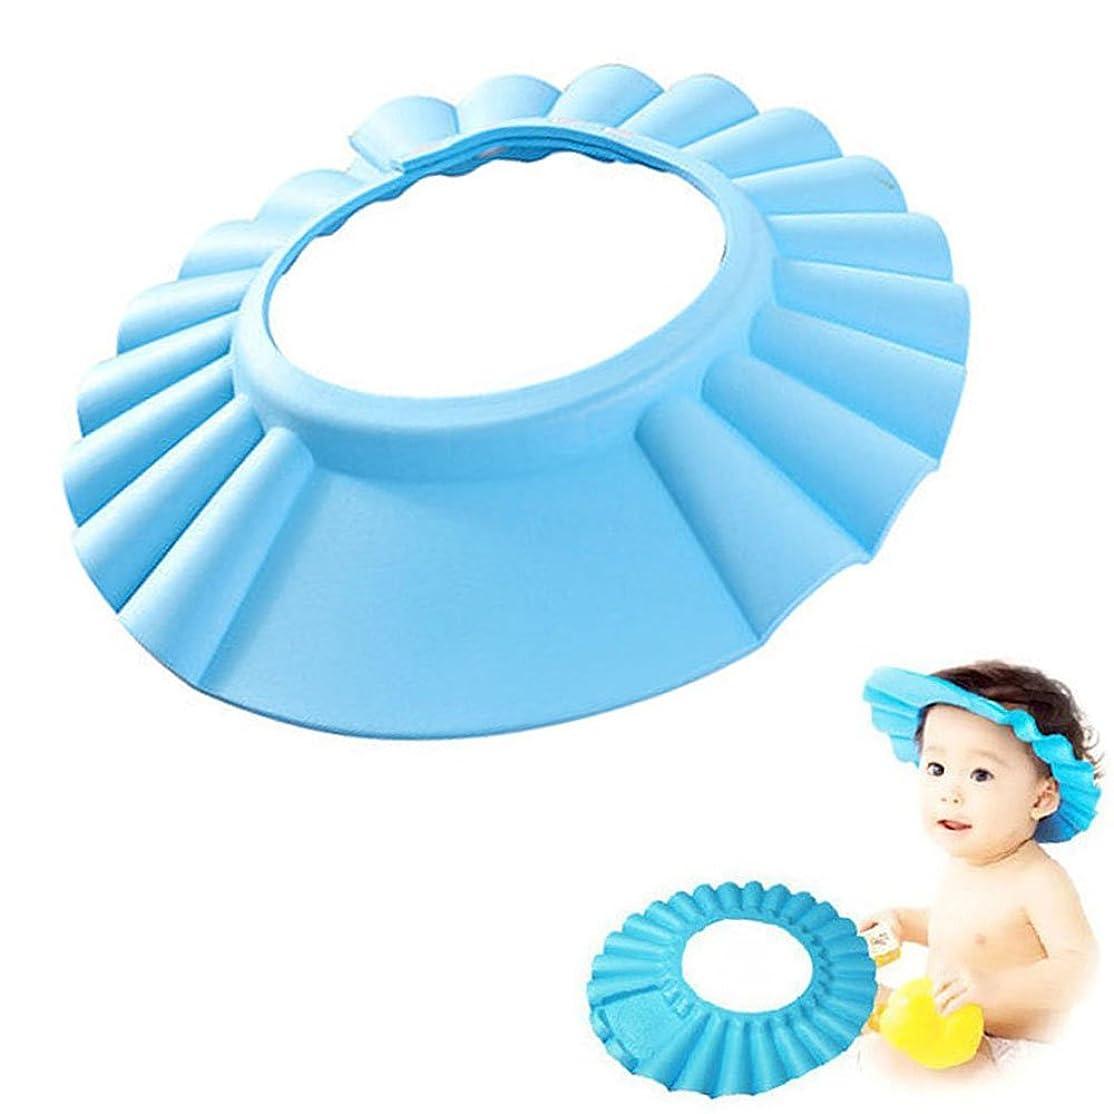 食器棚ボンドシャープシャンプーハット 子供 洗髪用帽子 お風呂 防水帽 水漏れない樹脂 サイズ調節 (ブルー)